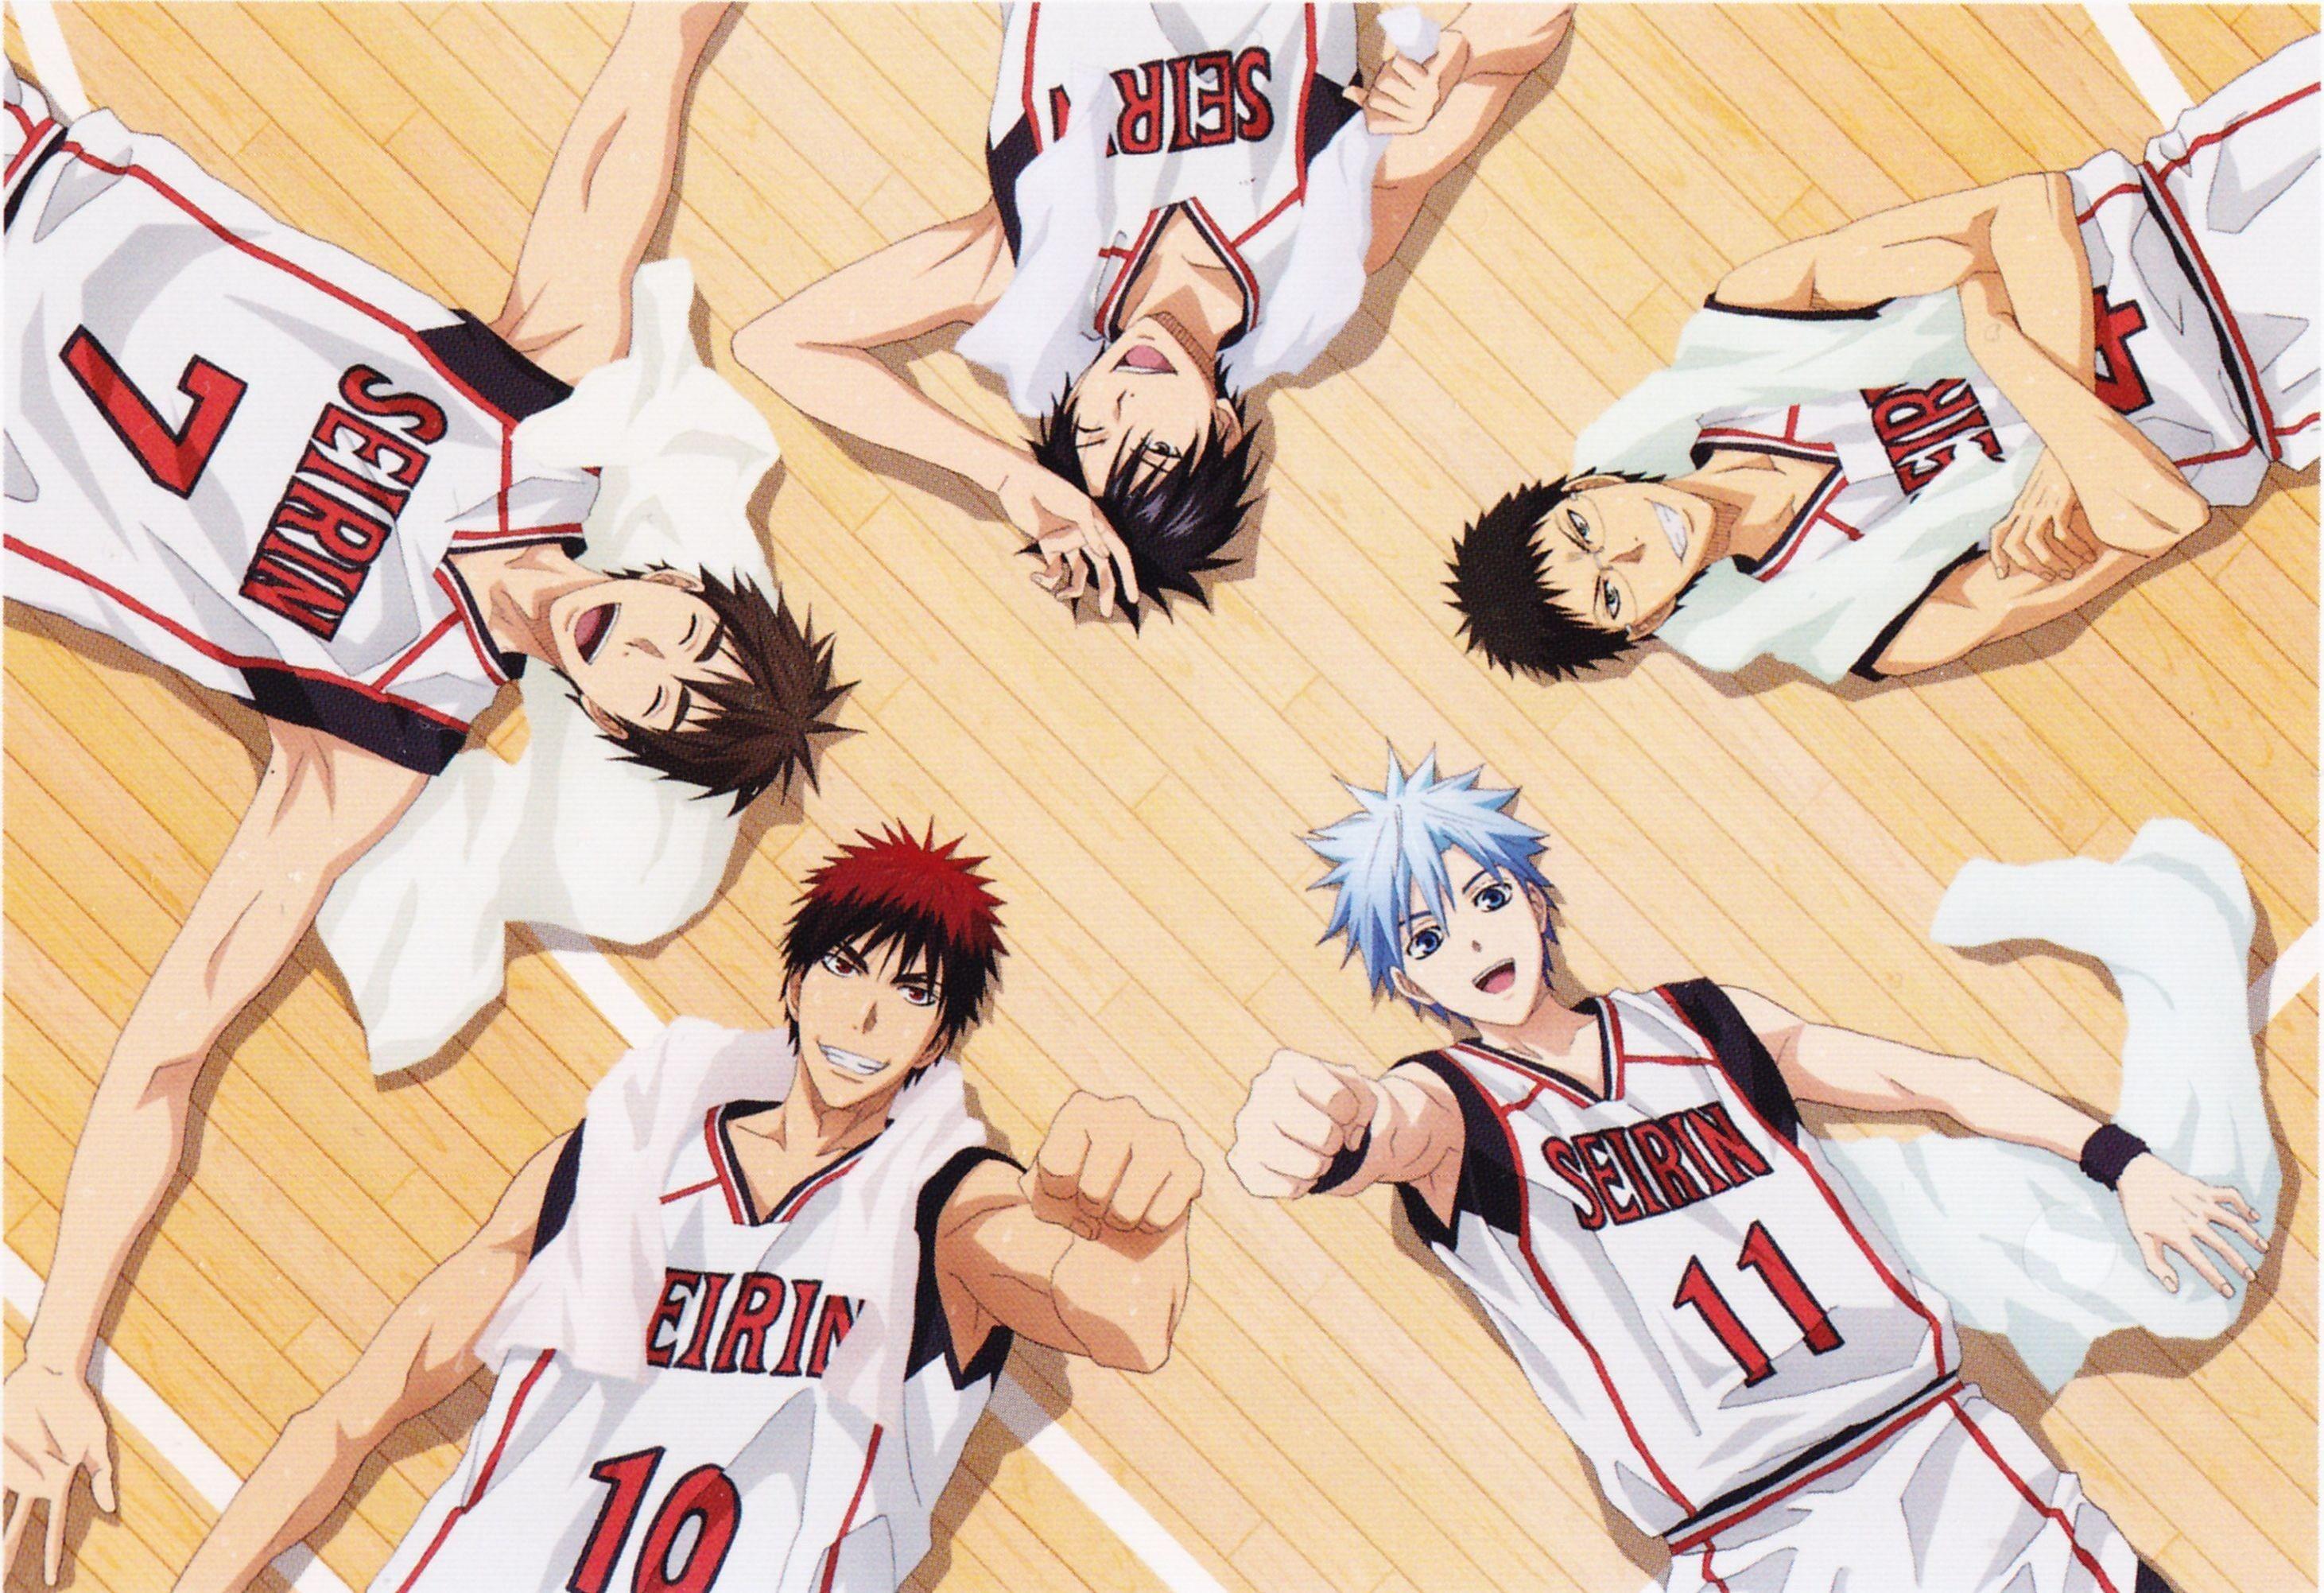 Res: 2923x2003, Kurokos basketball wallpaper taiga – cbys